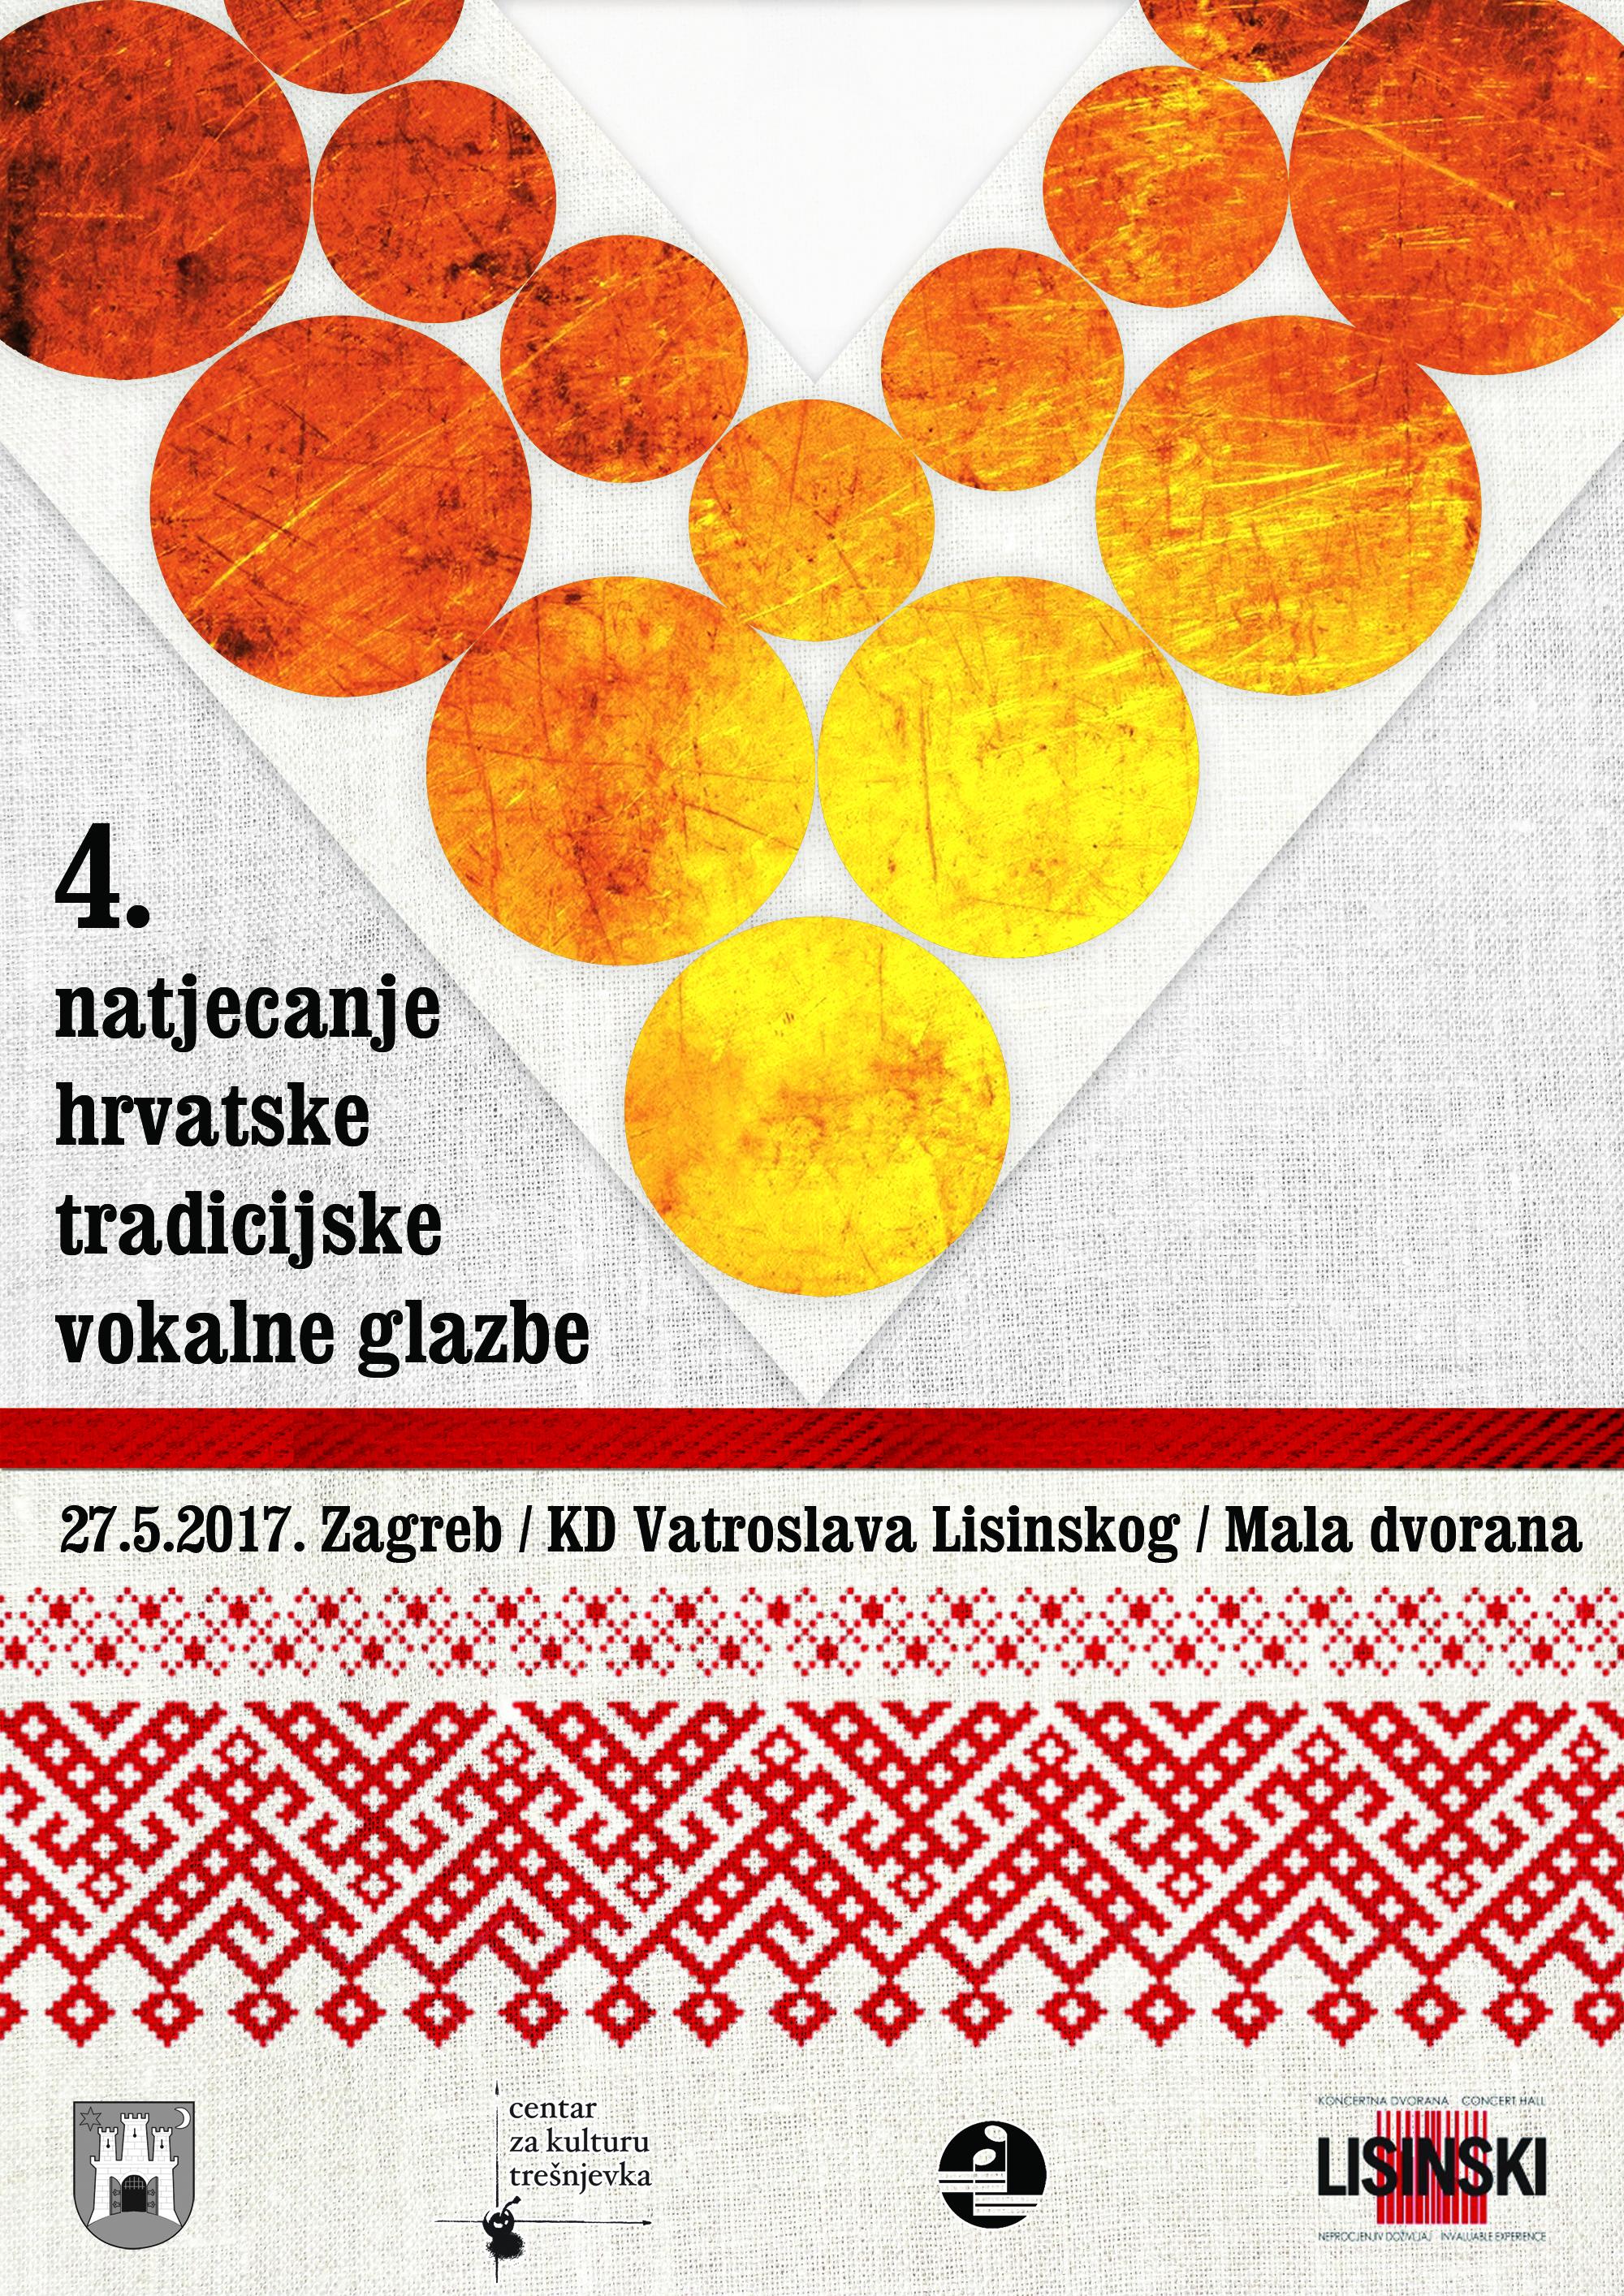 4. Natjecanje hrvatske tradicijske vokalne glazbe